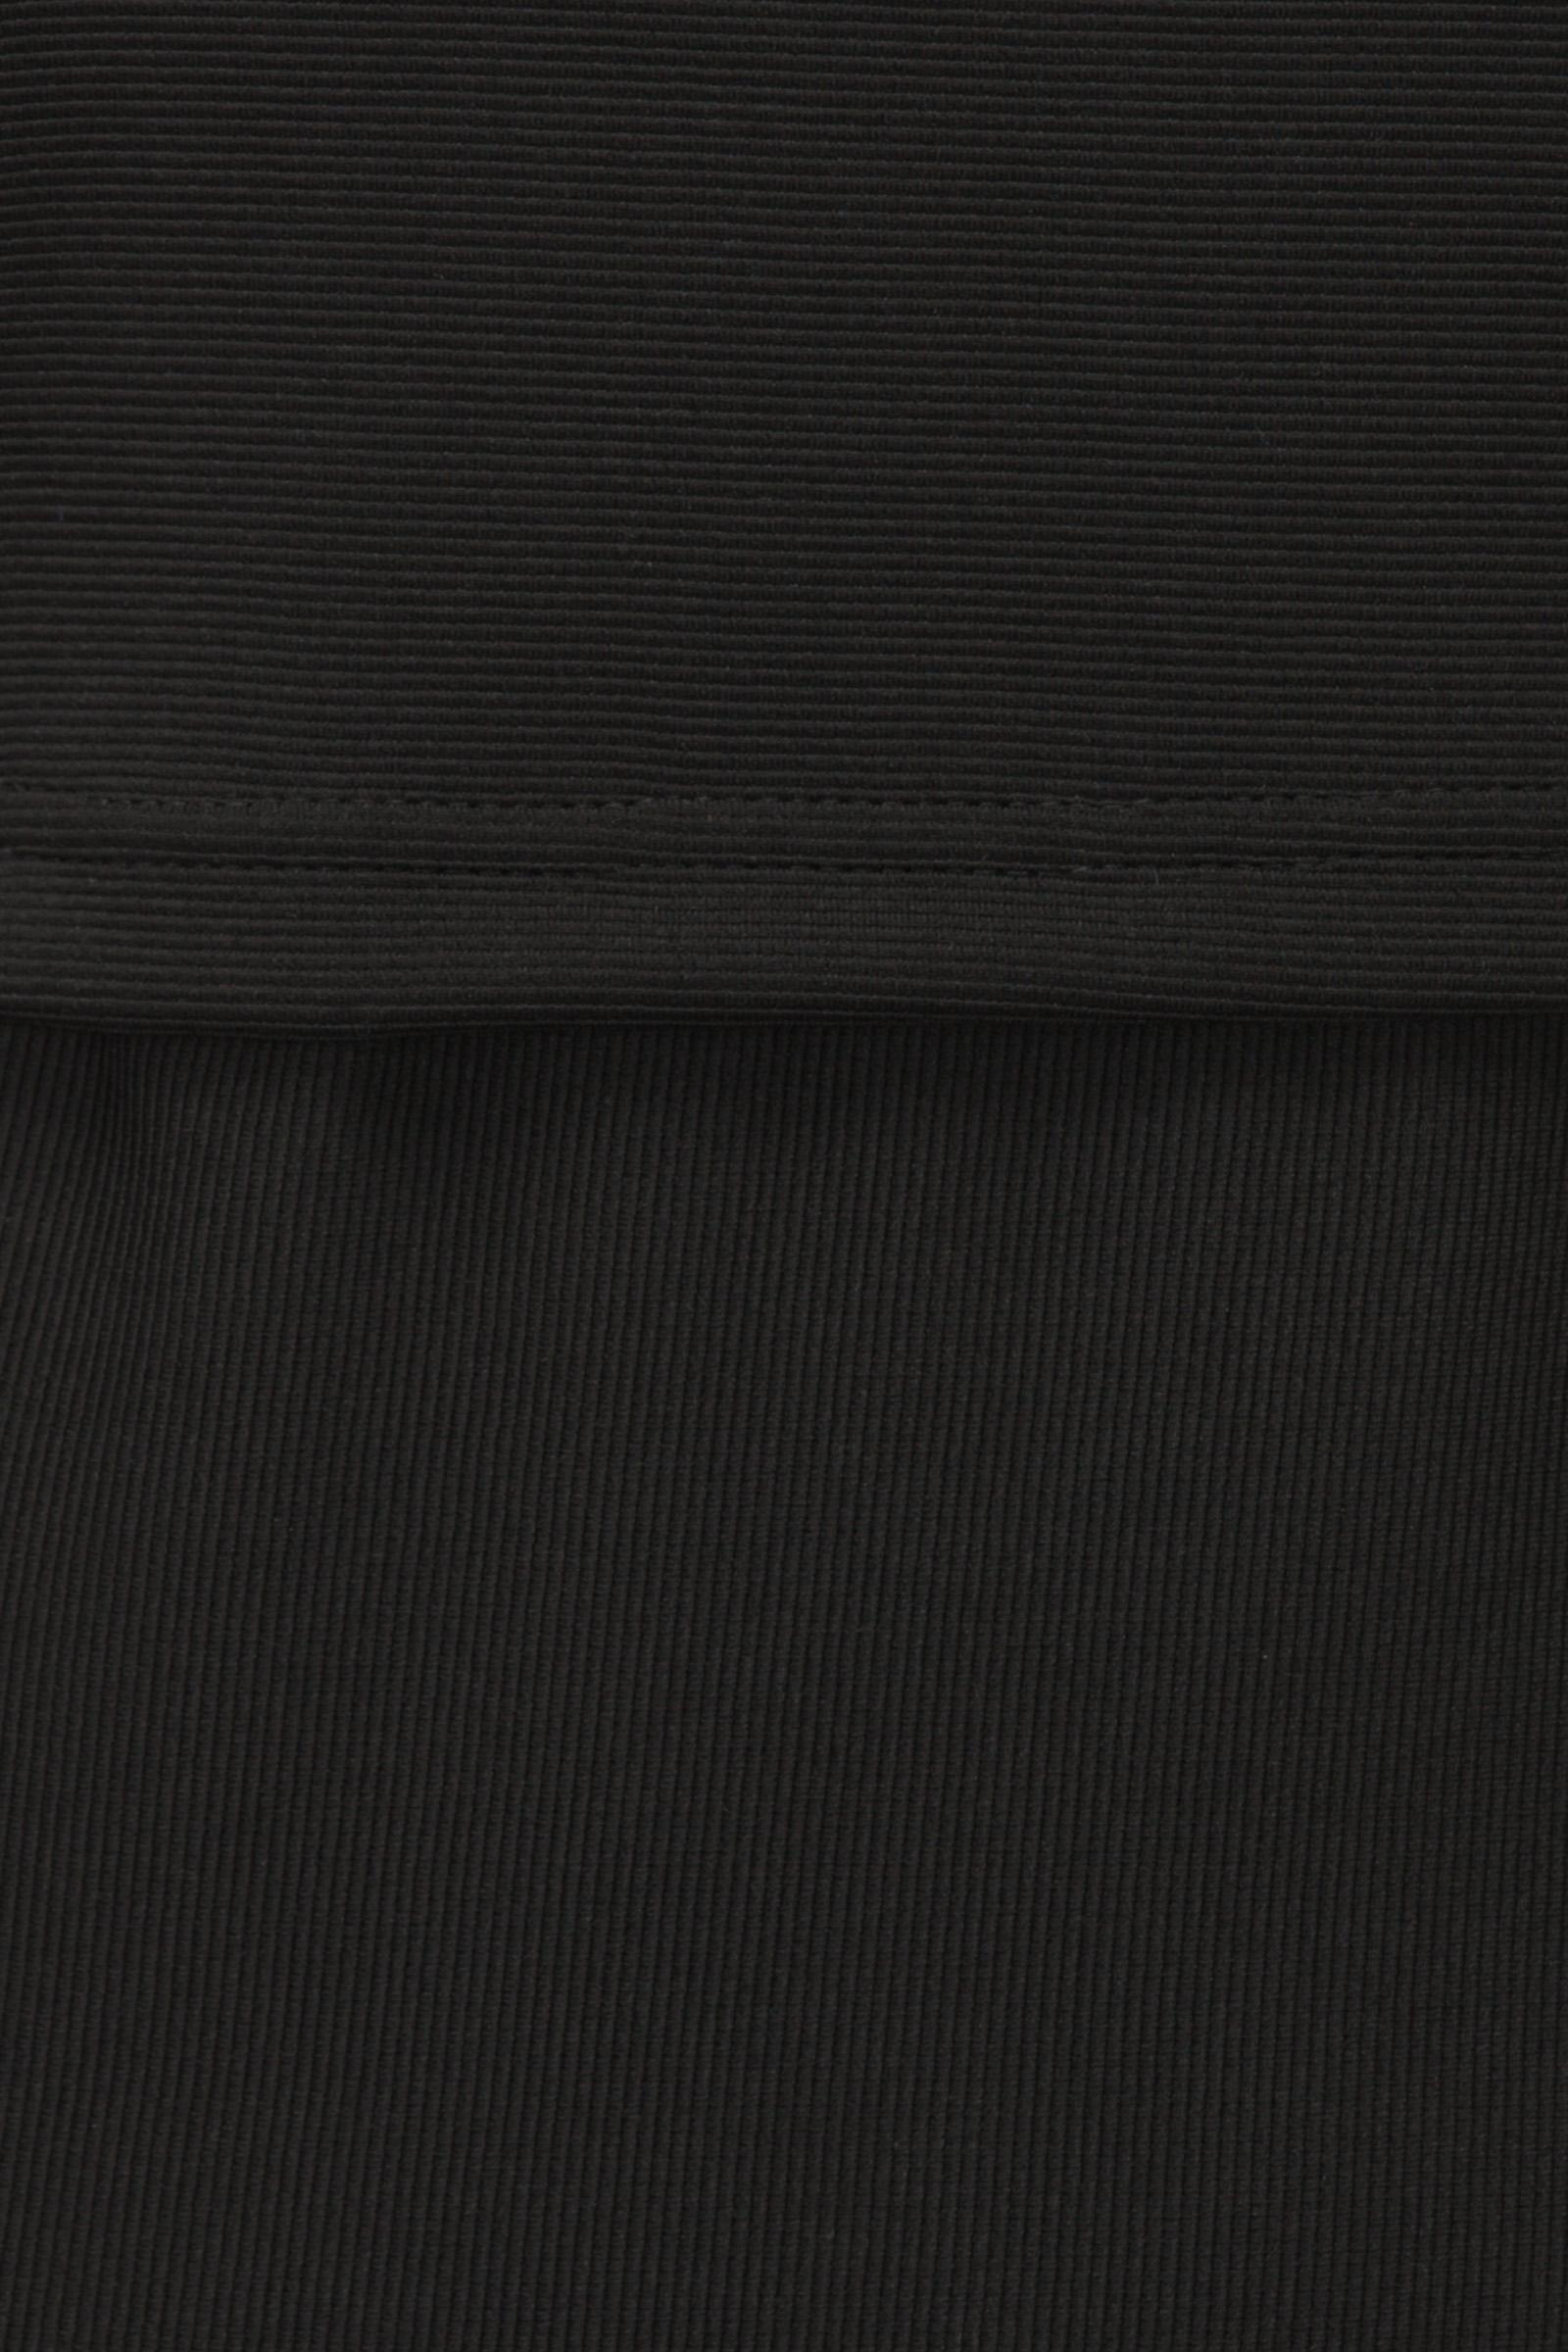 Jeanswear-VESTIDO KOAJ KAYLIN 4/16